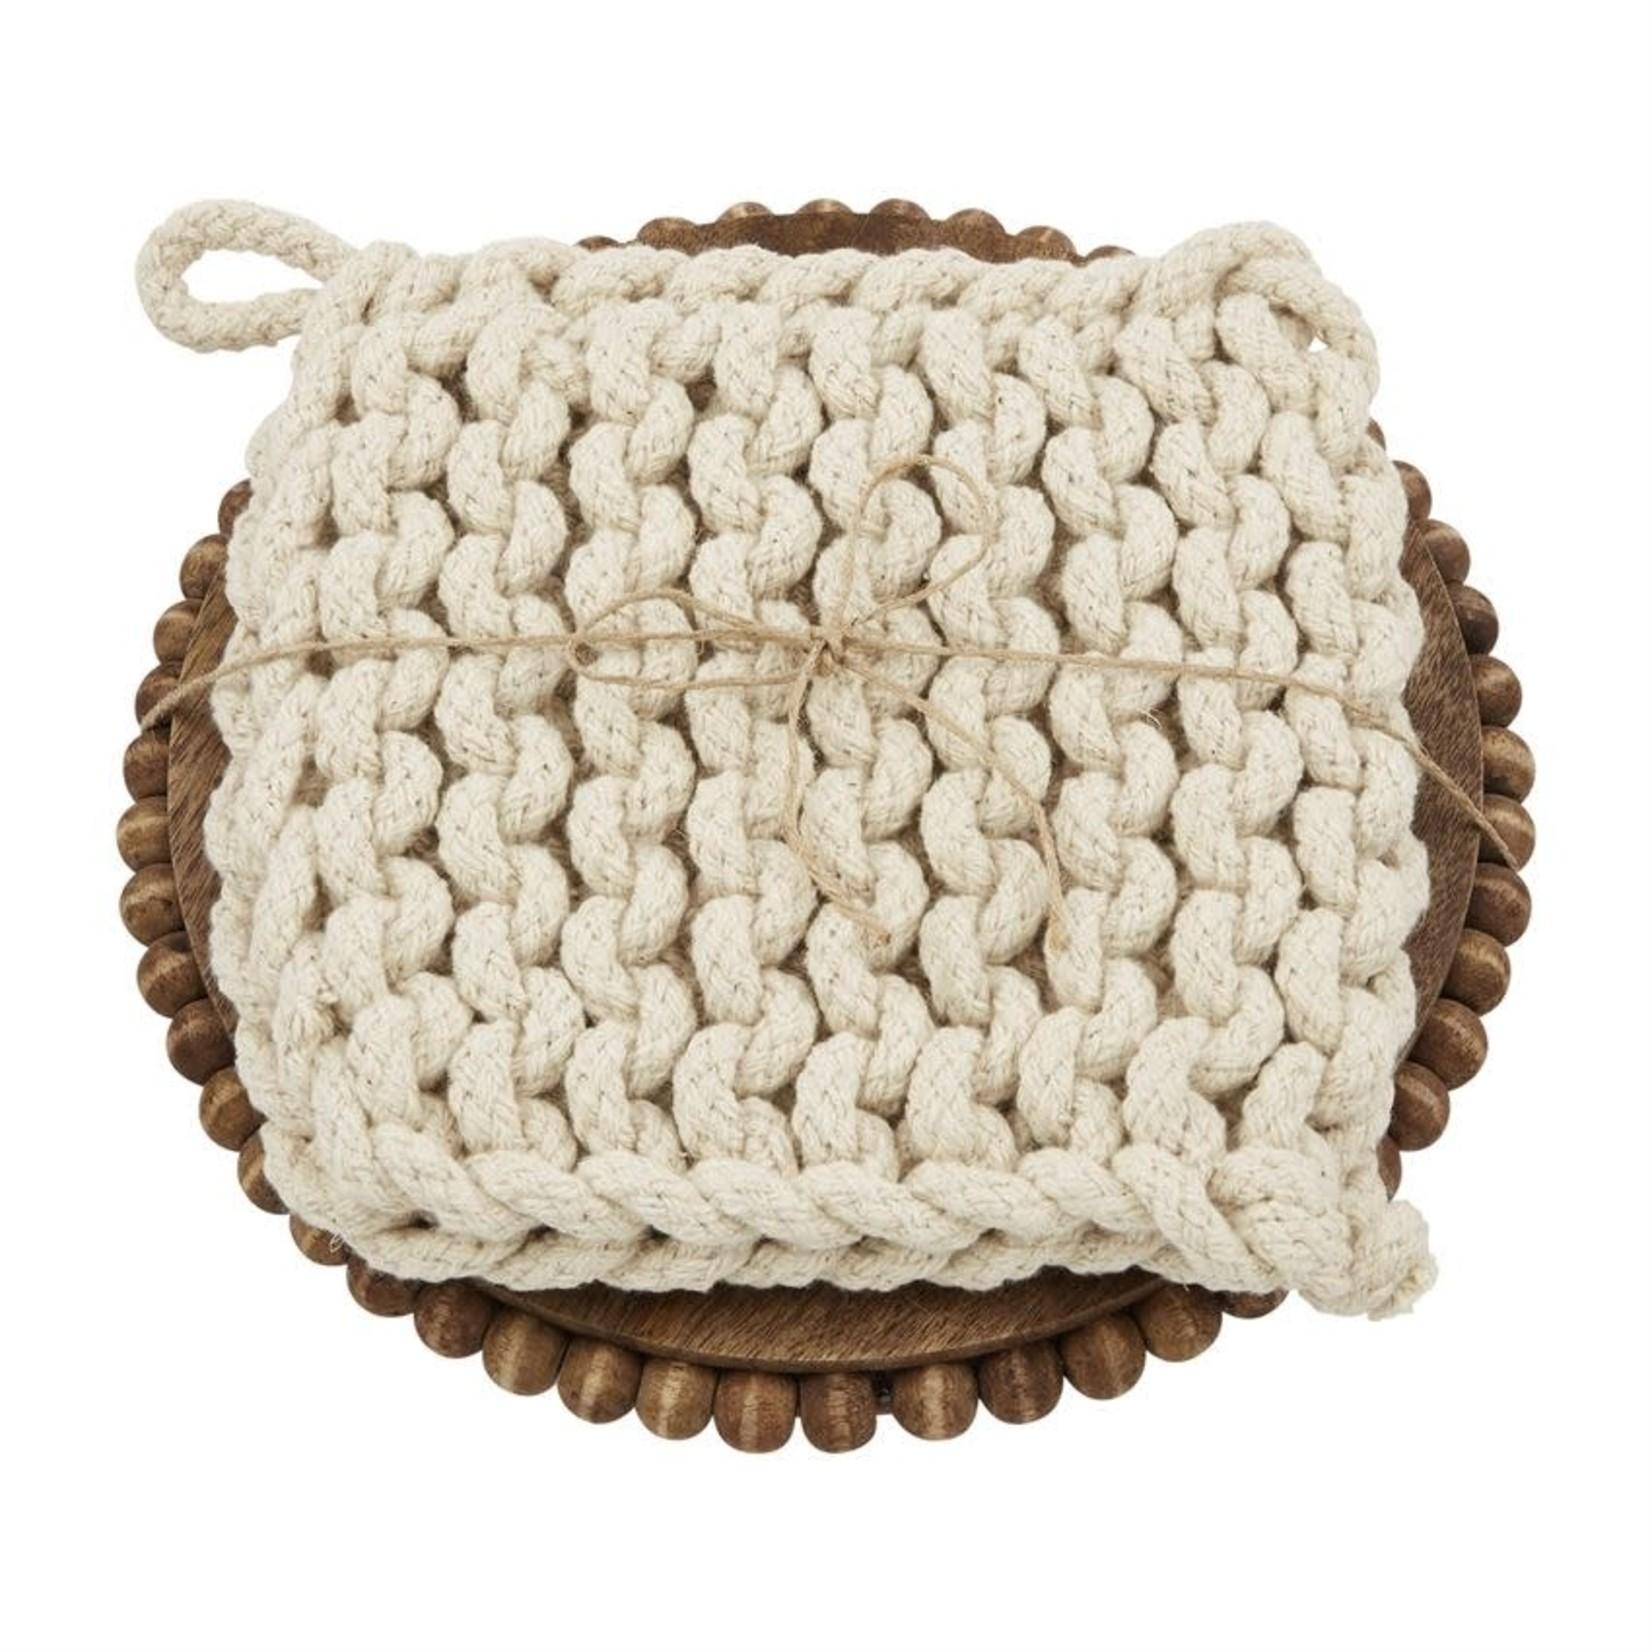 Beaded Trivet with Crocheted Pot Holder